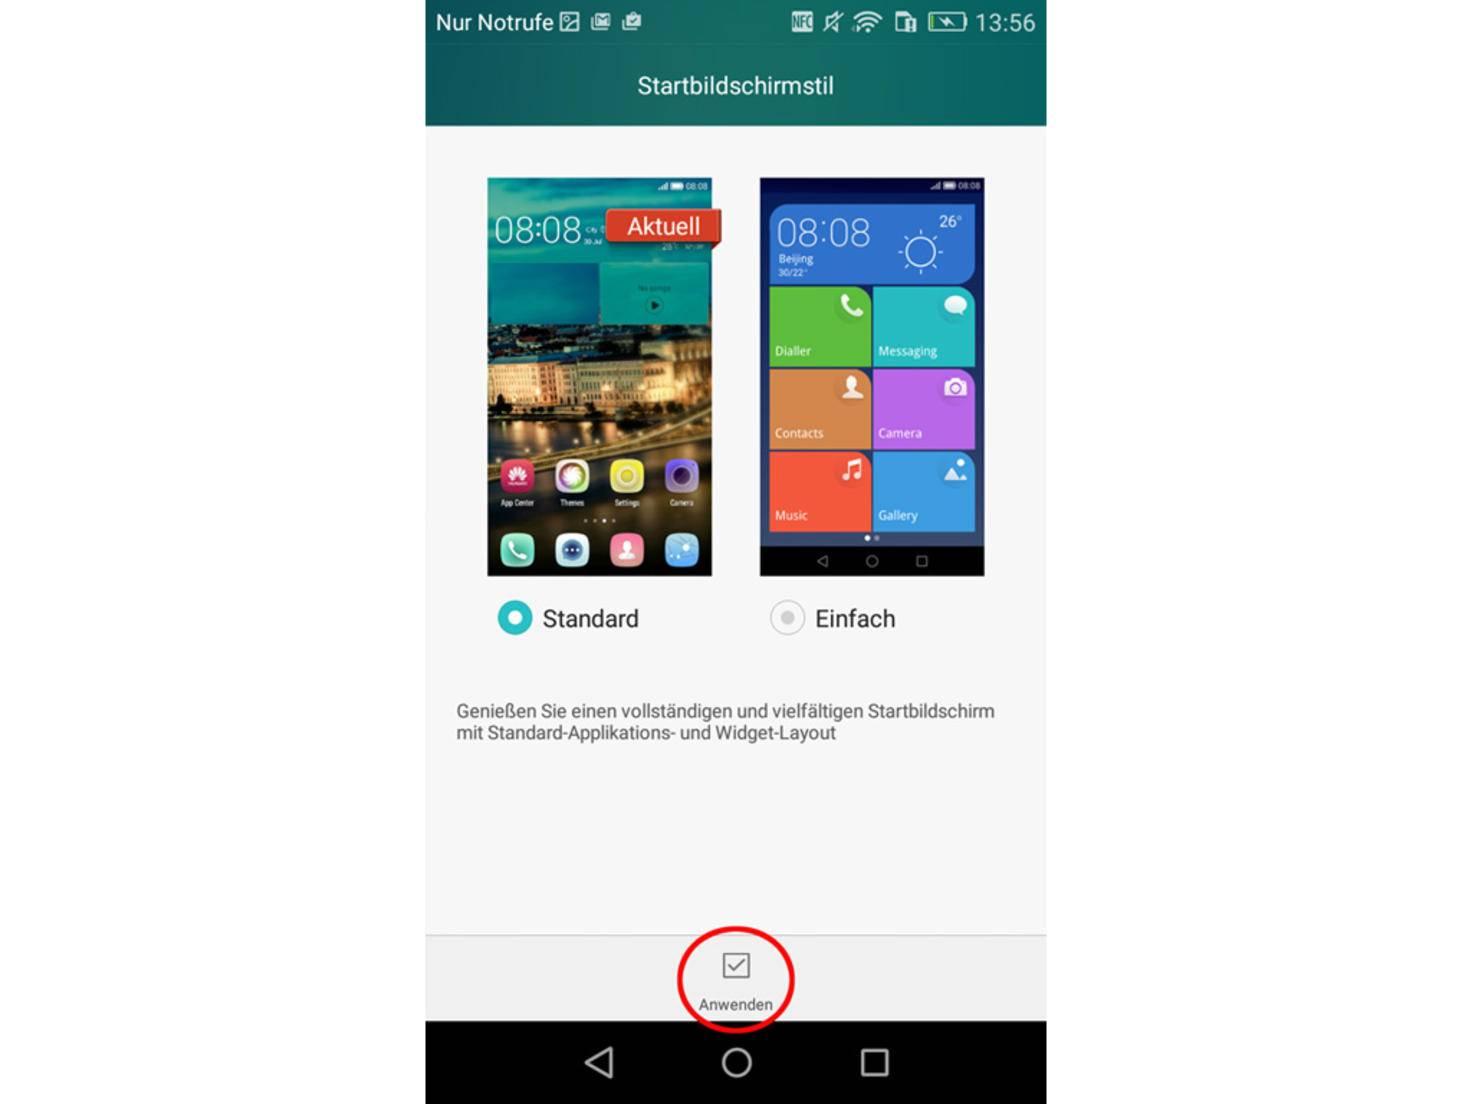 Huawei P8 Lite 14 Unverzichtbare Tipps Fürs Android Handy